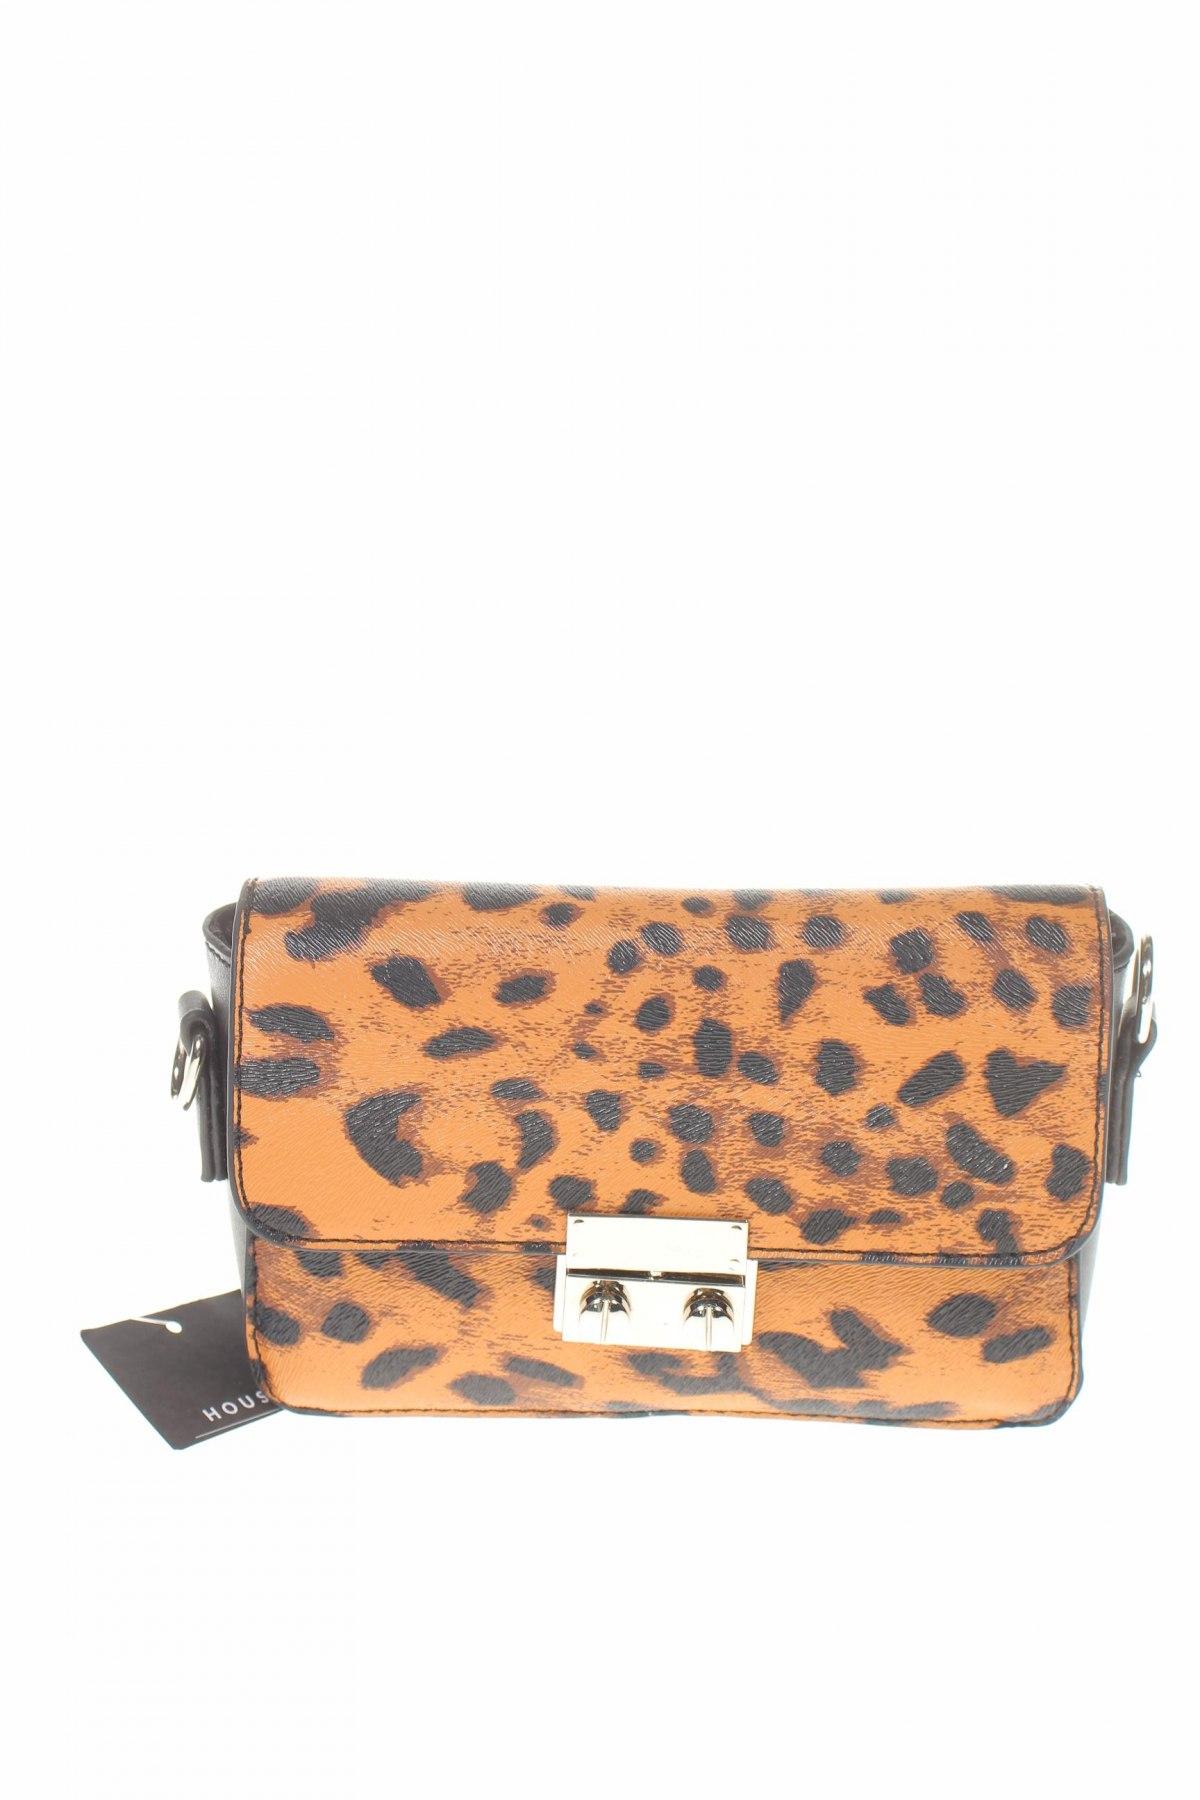 Дамска чанта House, Цвят Многоцветен, Еко кожа, Цена 24,50лв.